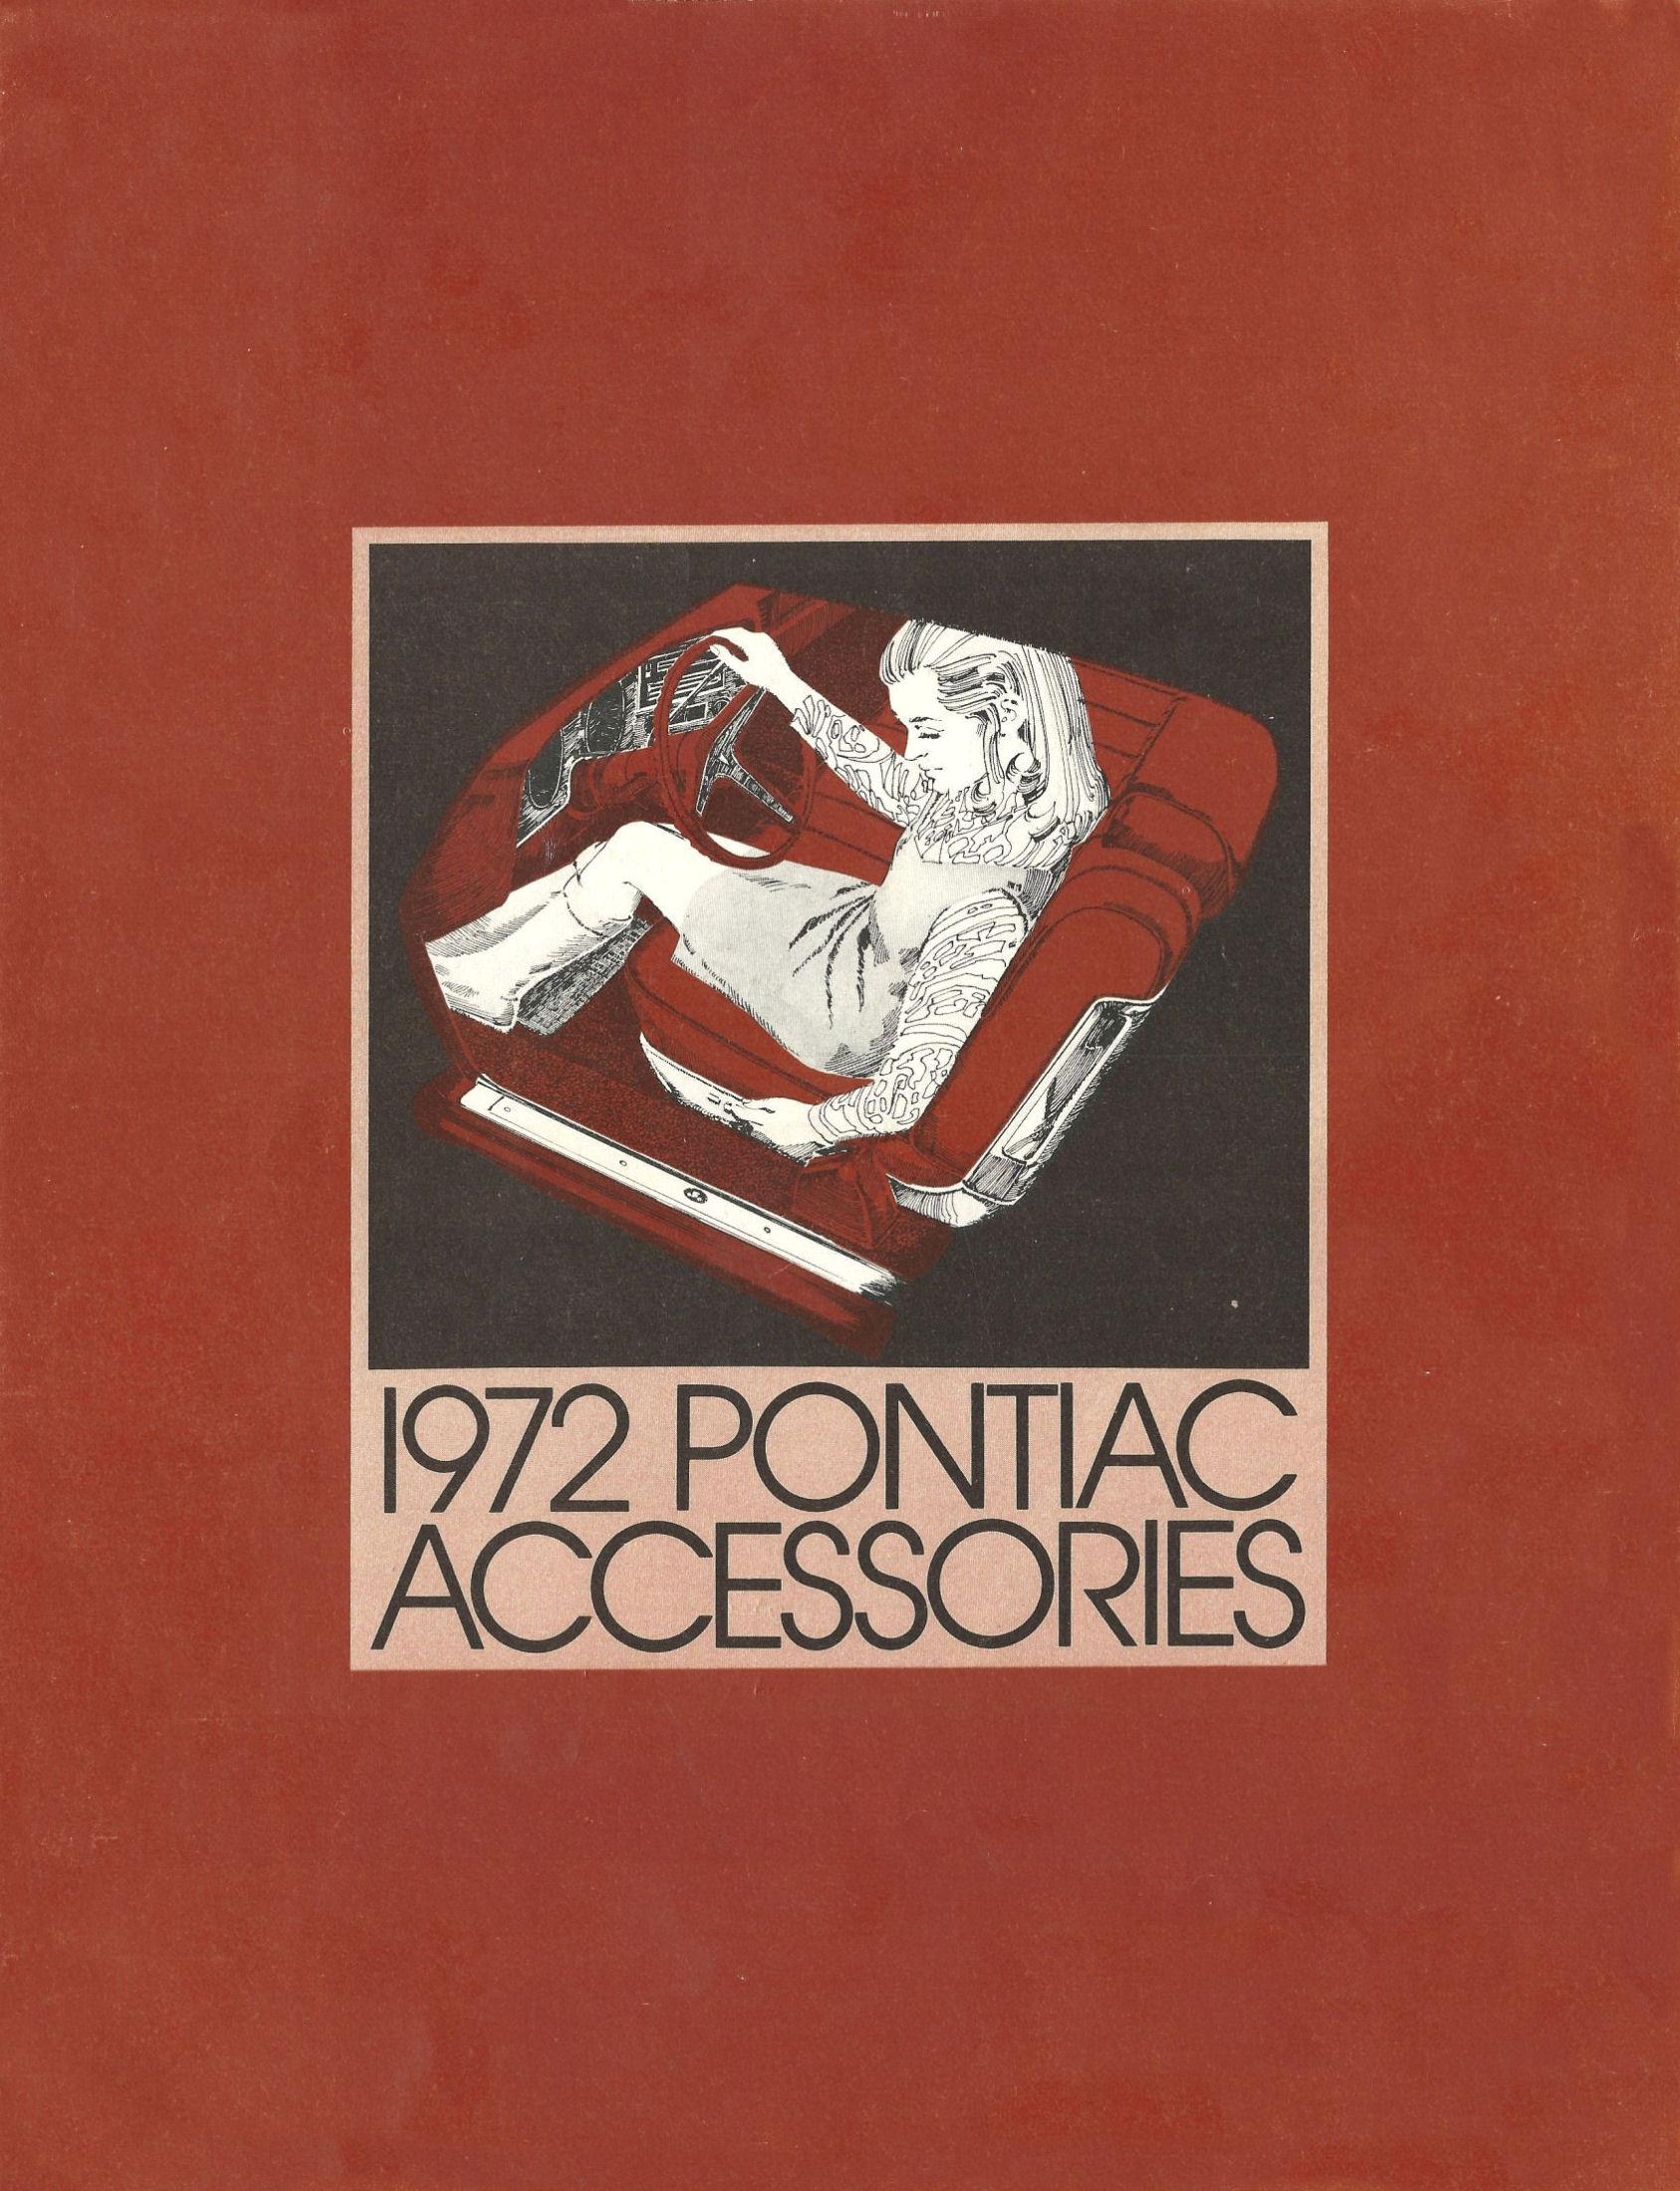 1972_Pontiac_Accessories-01.jpg